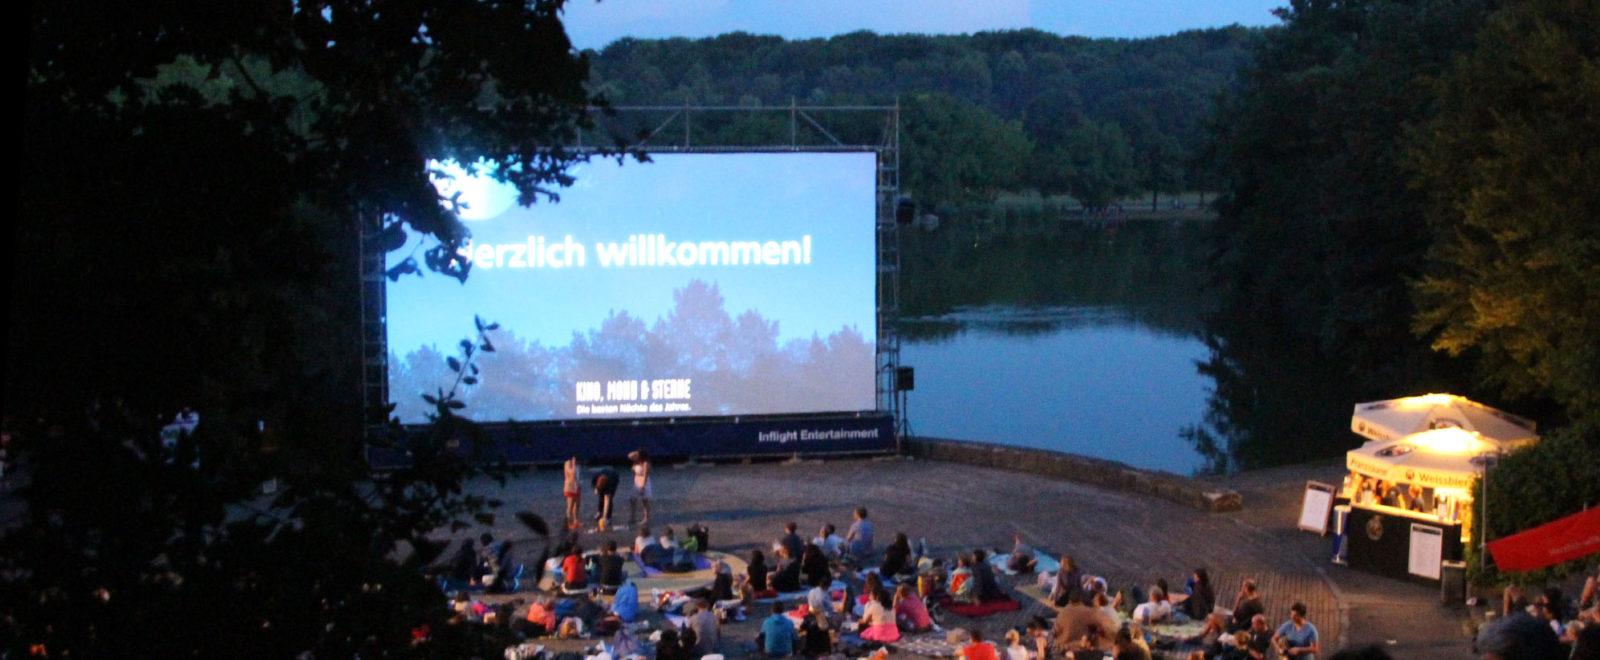 Benefizvorstellung Kino, Mond & Sterne 2018